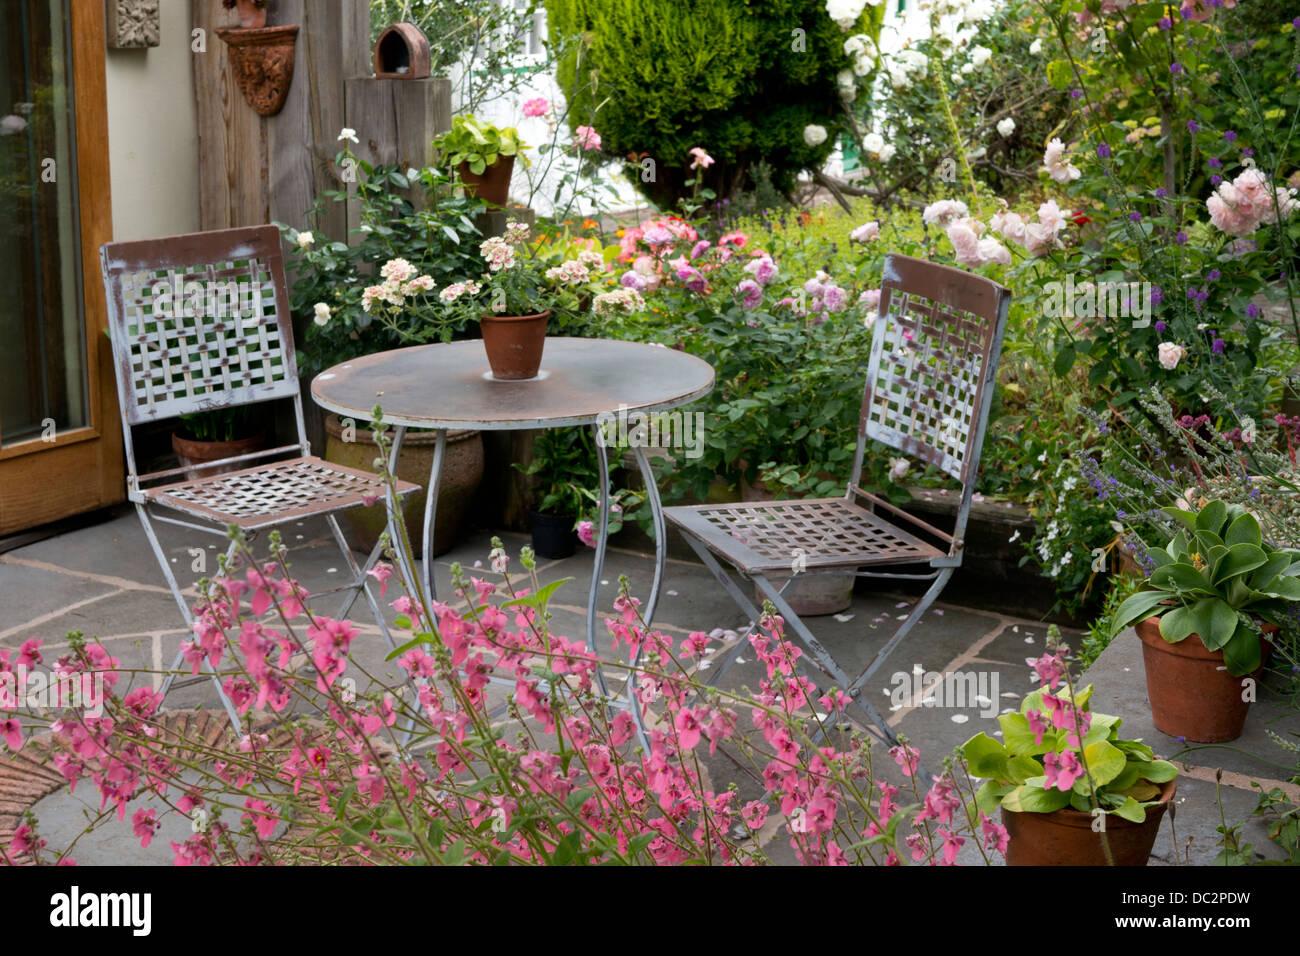 Inglese estate patio in pietra con metallo mobili da giardino orlato da rosa rose e fiori Diasica, Inghilterra Immagini Stock